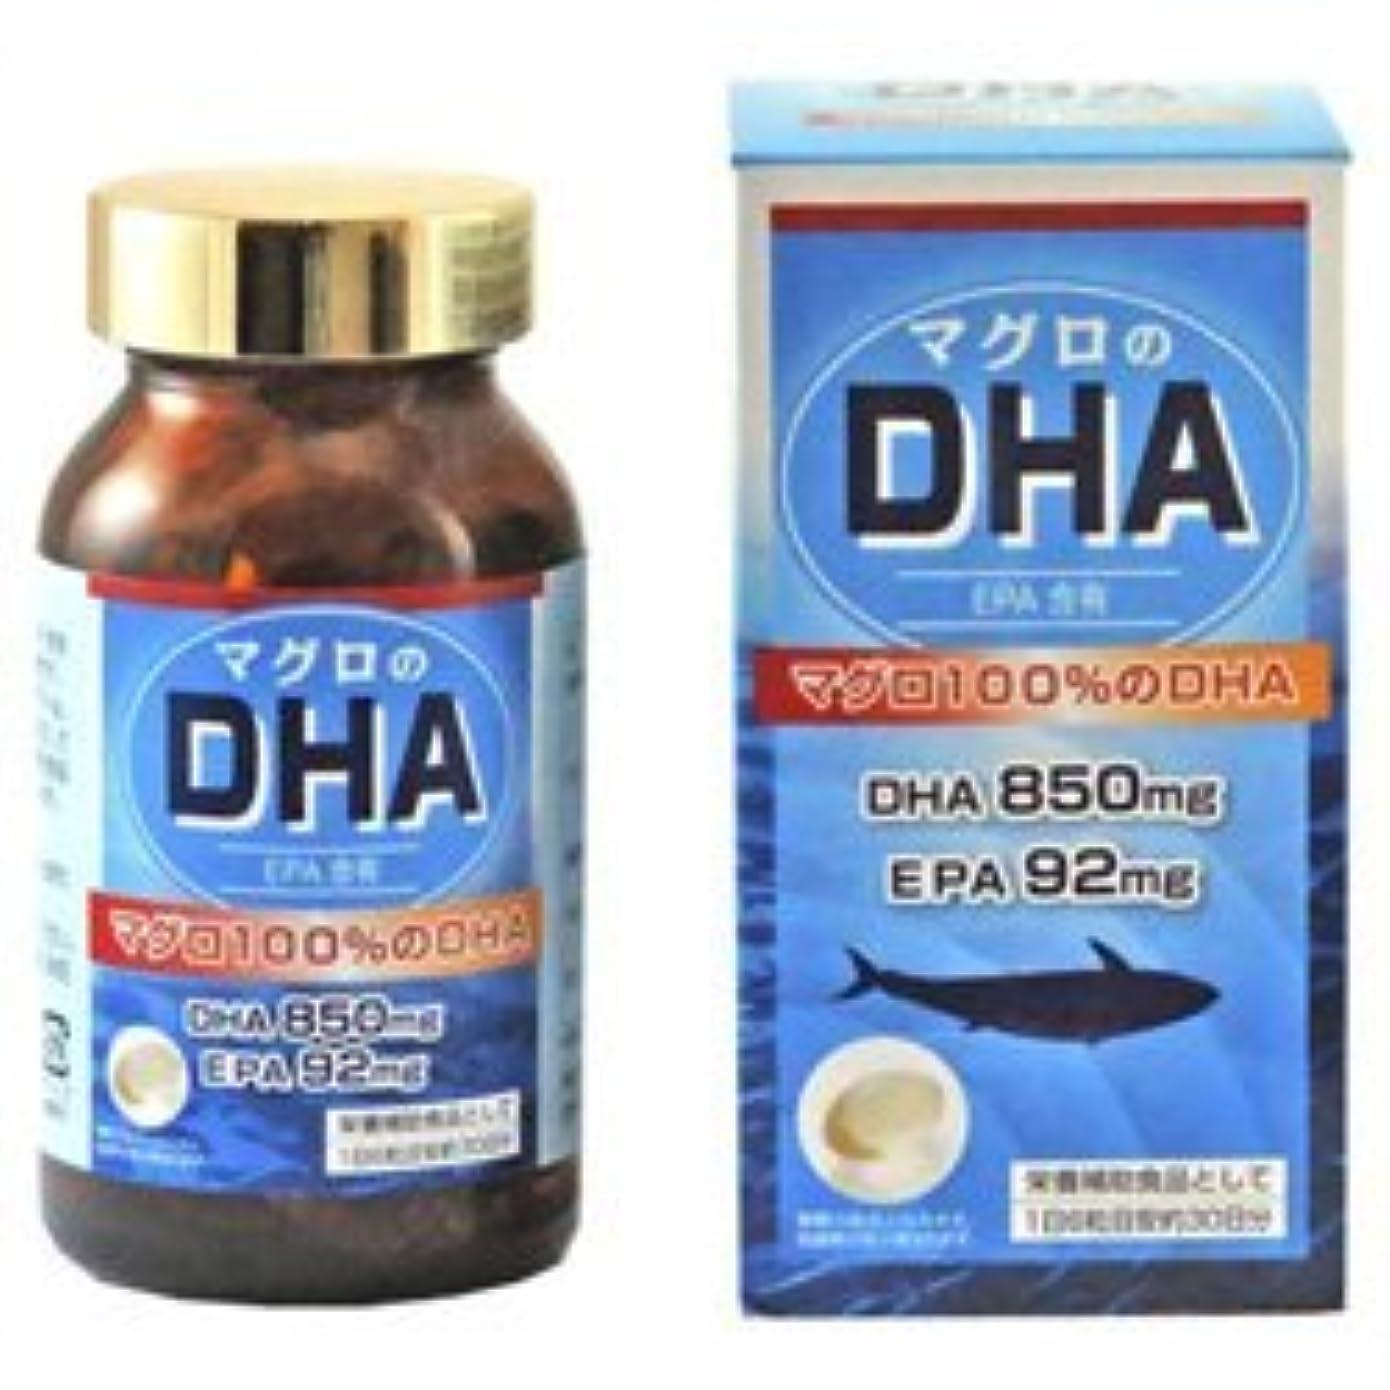 黙認する感情同級生【ユニマットリケン】DHA850 180粒 ×5個セット